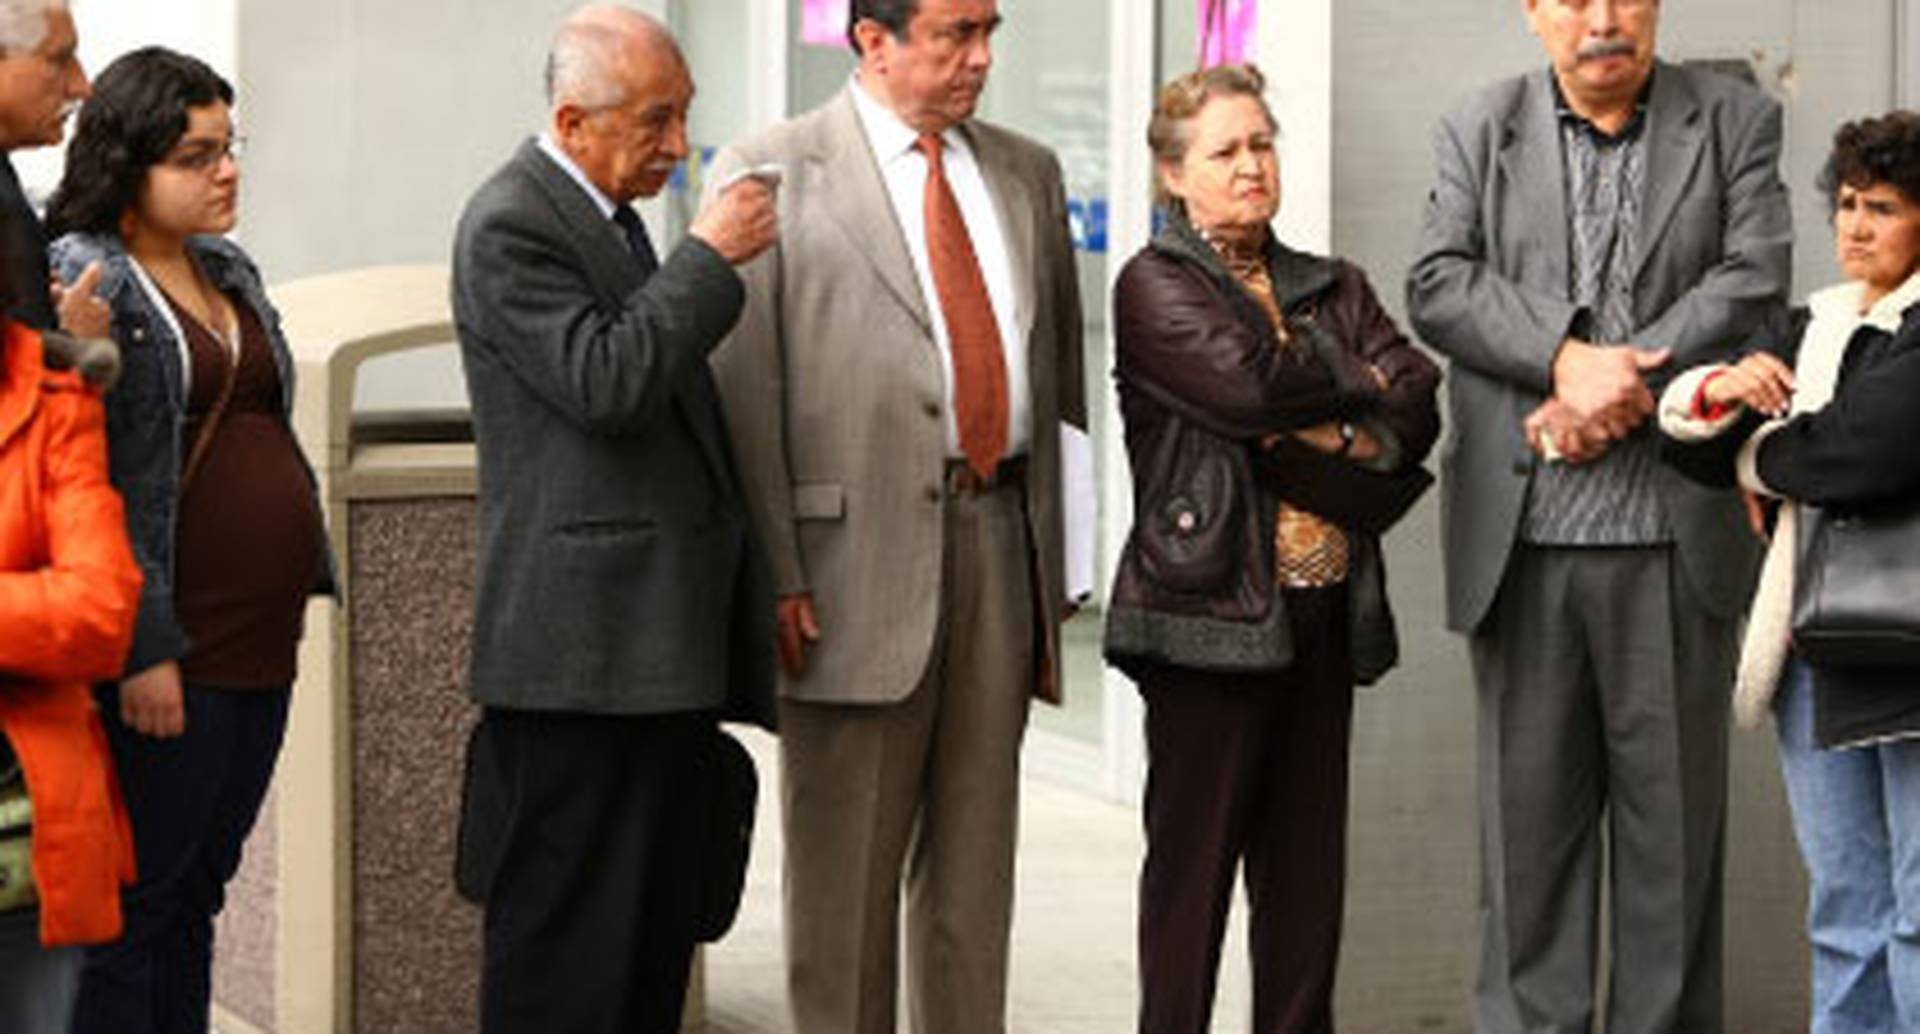 Los proyectos de ley buscan permitirles a los colombianos retirar una parte de sus ahorros pensionales.